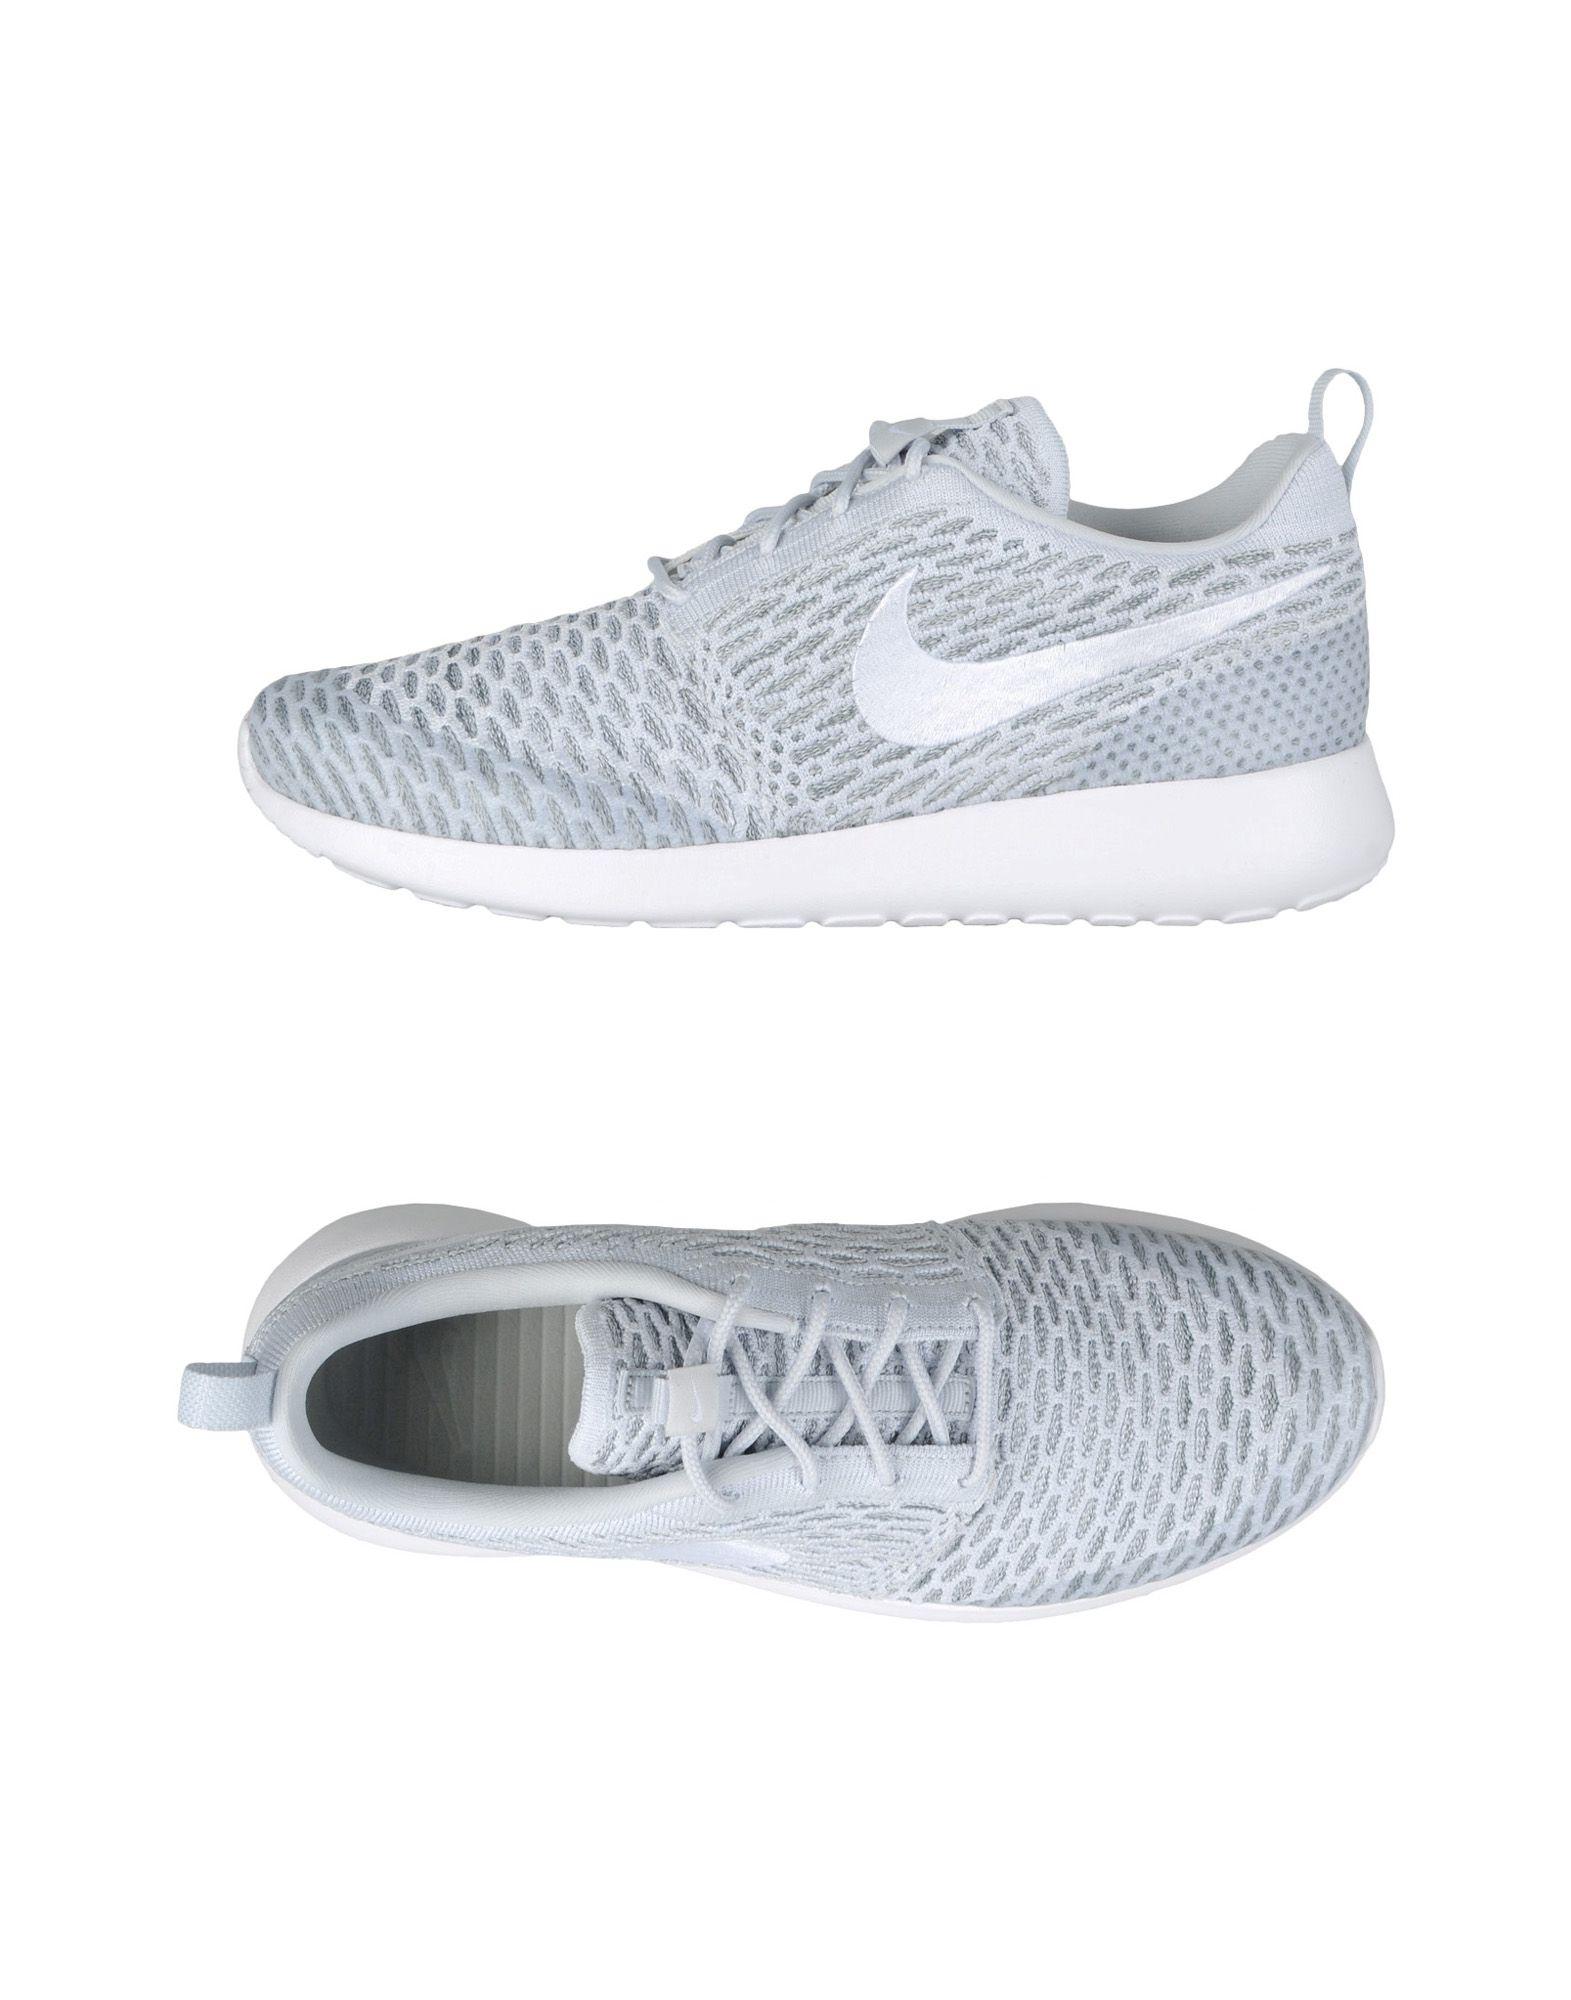 Baskets Nike Wmns Roshe One Flyknit - Femme - Baskets Nike Gris clair Dernières chaussures discount pour hommes et femmes